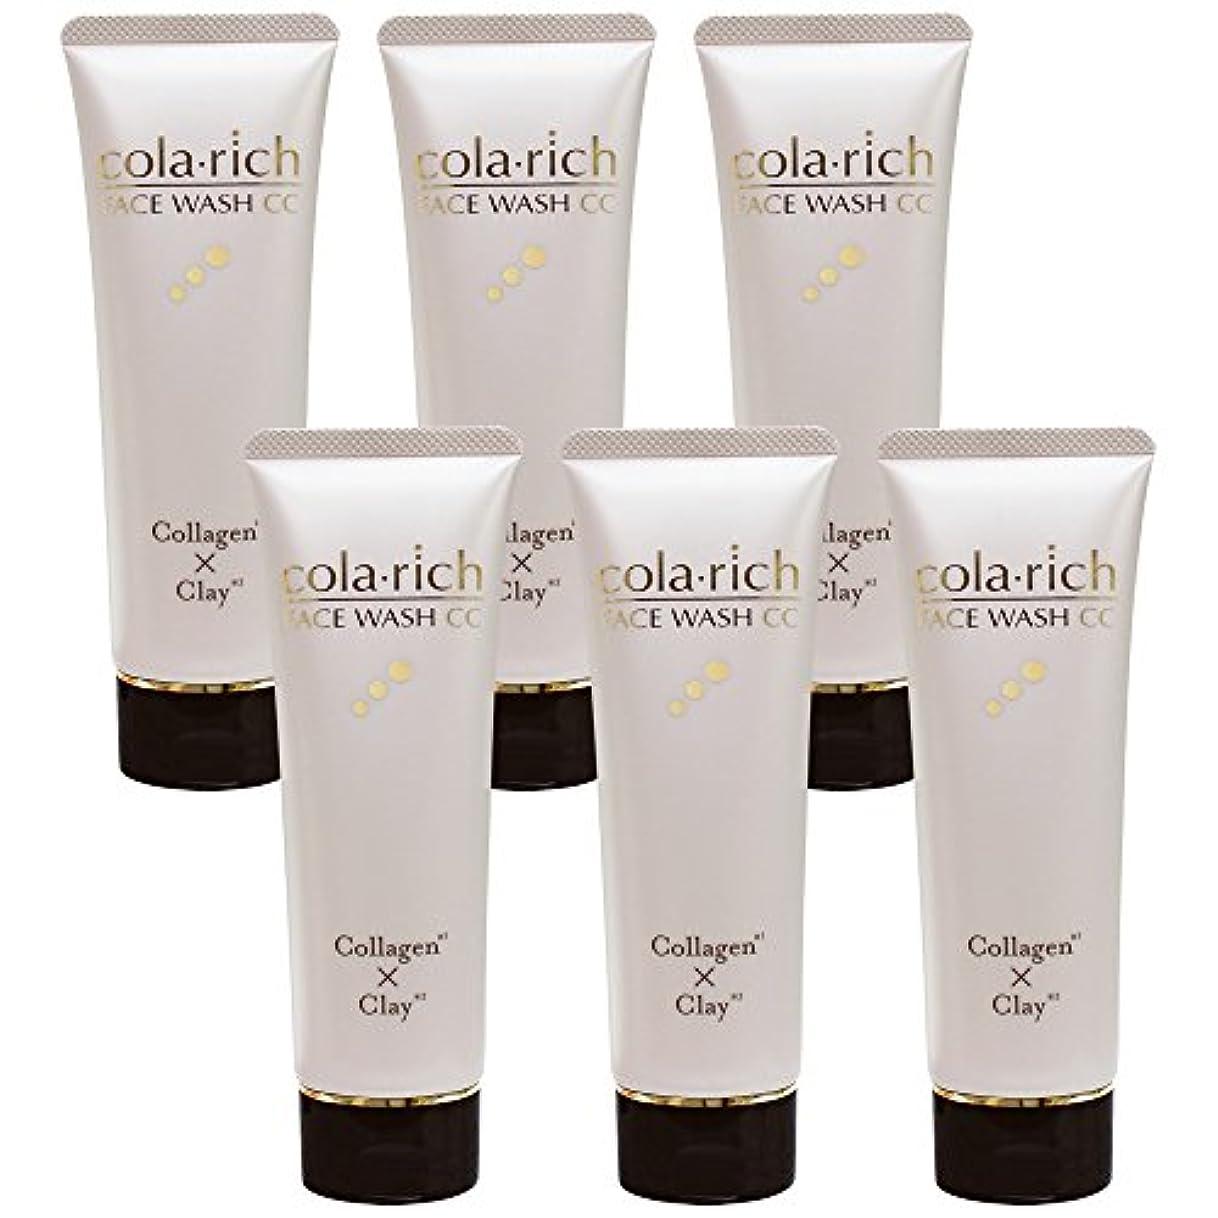 体グラス義務的コラリッチ コラーゲン配合美容液洗顔6本まとめ買い/フェイスウォッシュCC(1本120g 約1カ月分)キューサイ